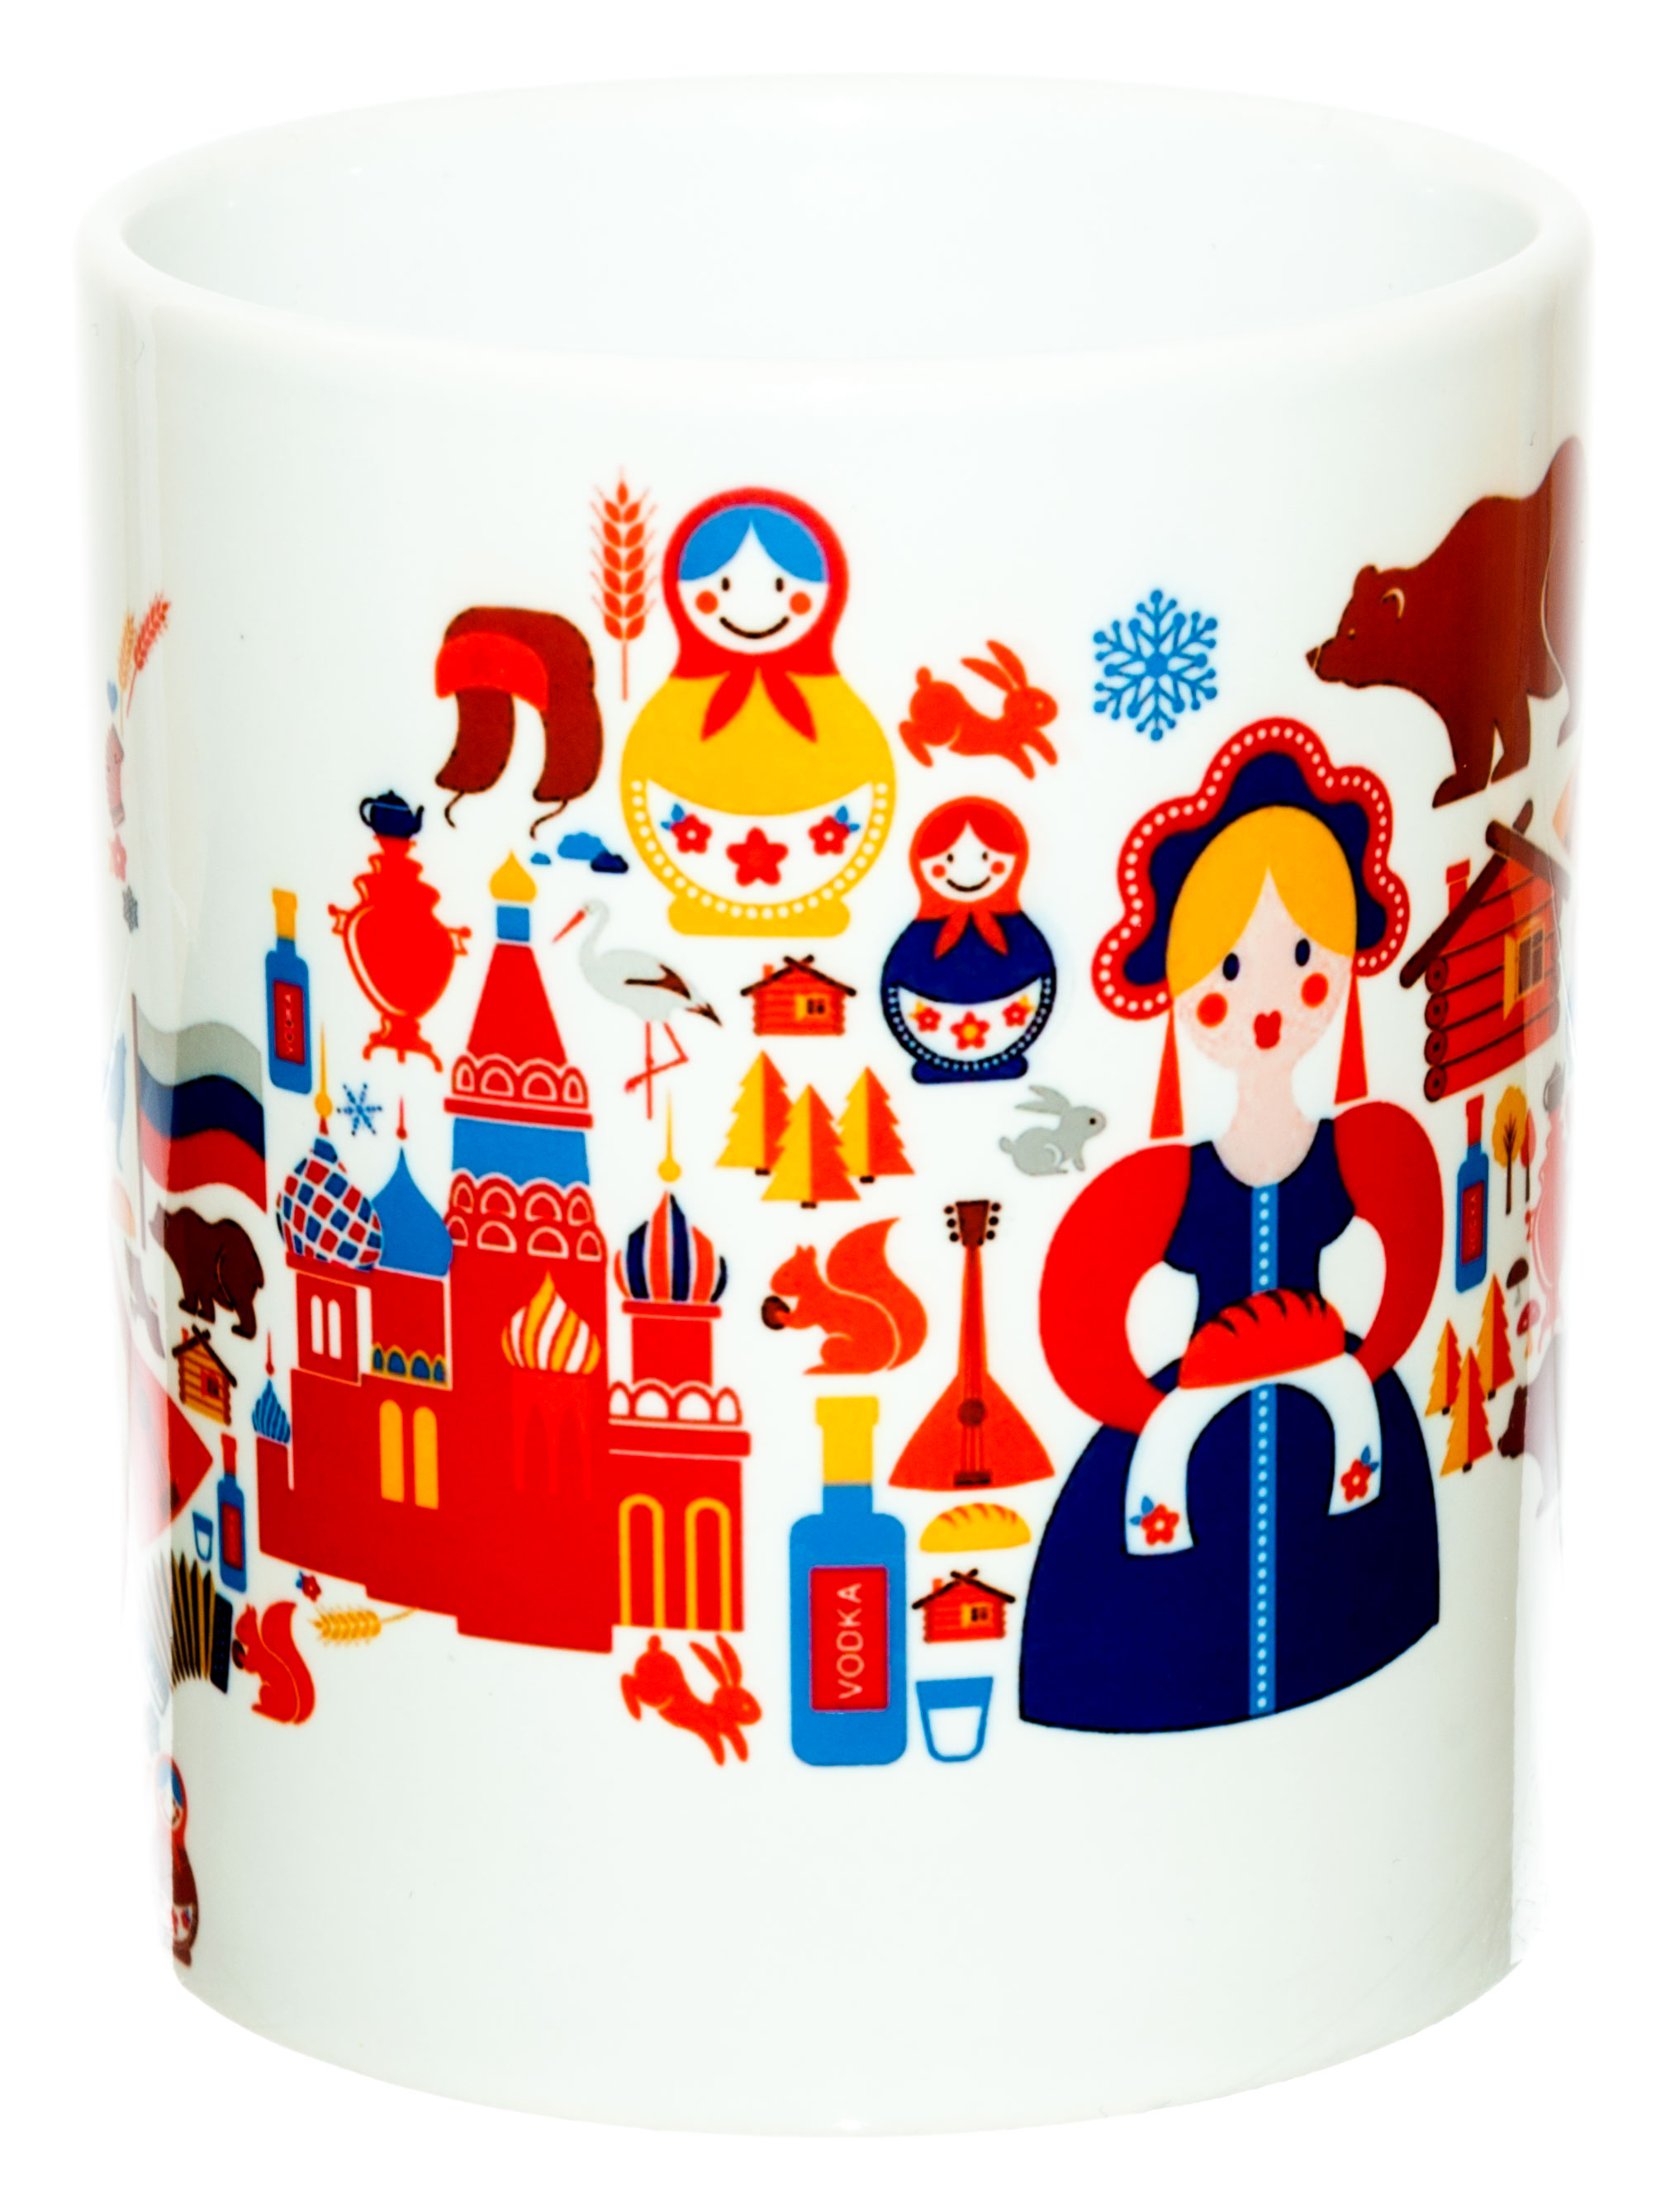 Керамическая кружка 3Dollara Символы России по мнению иностранцев. MUG0296 фото